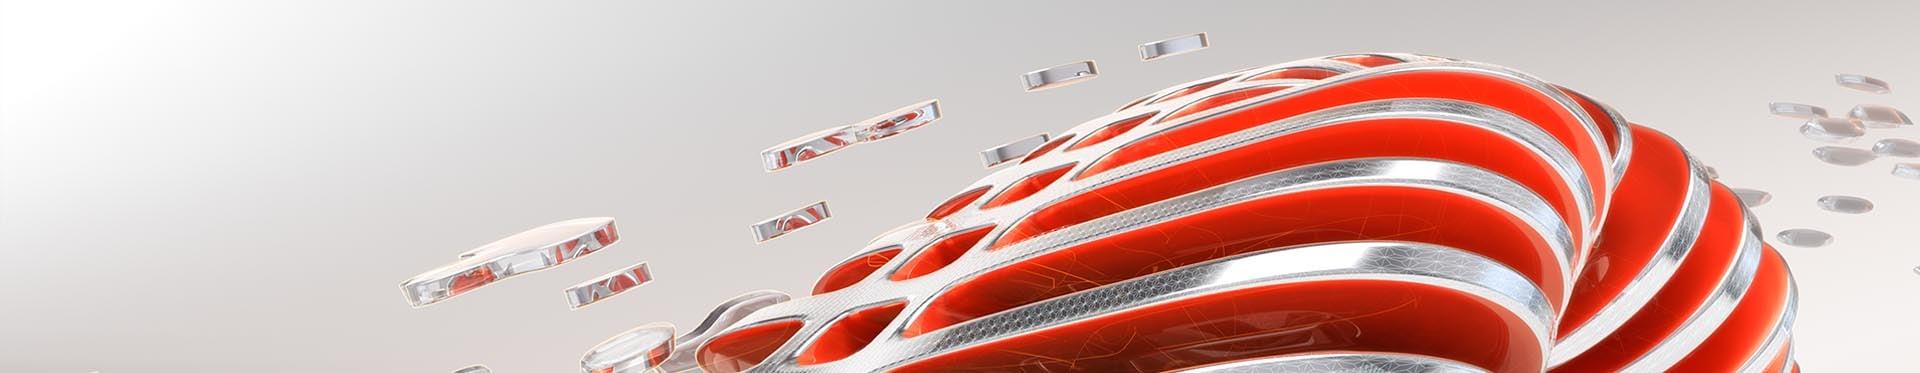 Autodesk VRED Design for Mac 2018 破解版 - 3D模型可视化设计软件